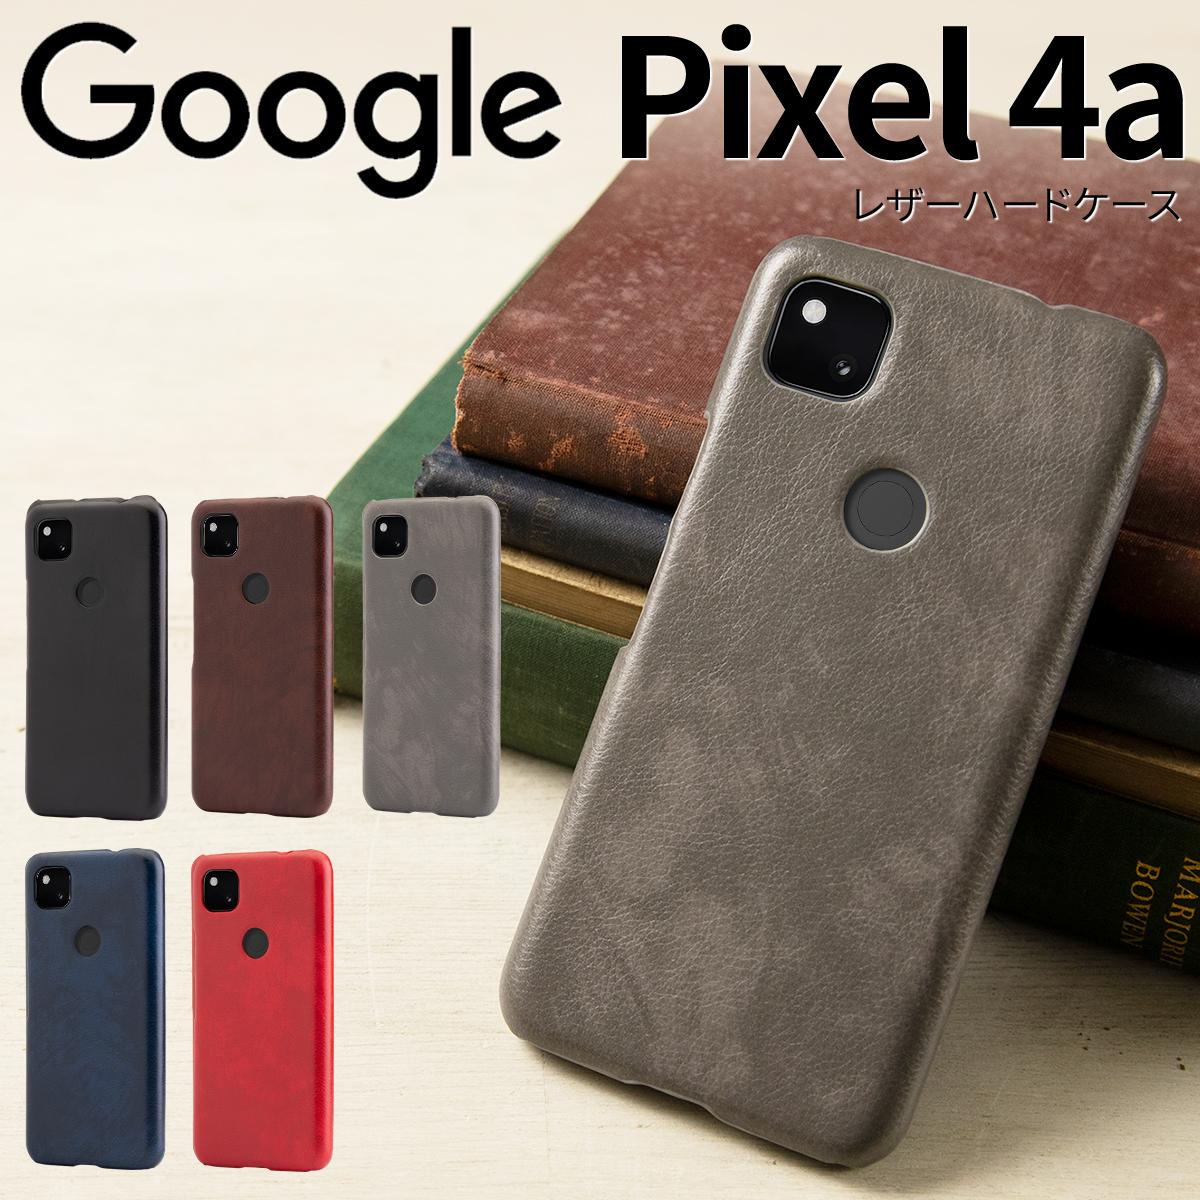 メール便送料無料 Pixel 4a レザーハードケース ケース カバー <セール&特集> 激安格安割引情報満載 スマホ 合革 スマホケース グーグル かっこいい Google 韓国 おしゃれ 人気 おすすめ ピクセル